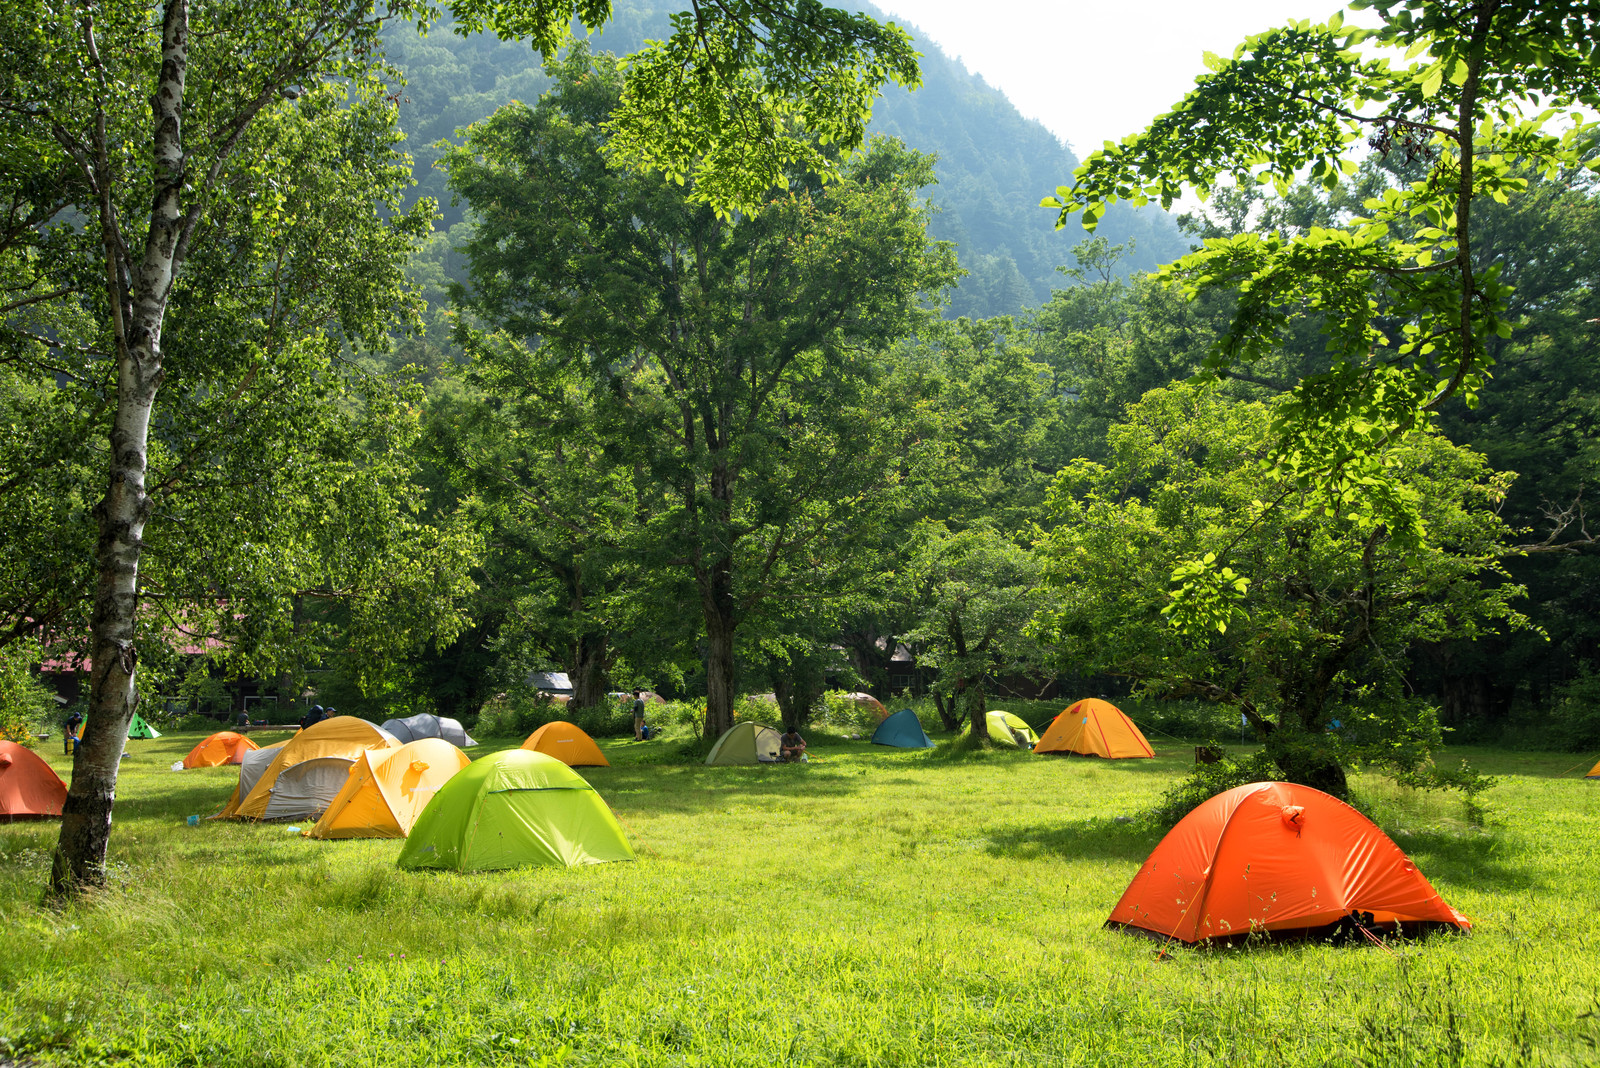 ライジングフィールド軽井沢は人気のキャンプ場!アスレチックや温泉も楽しめる